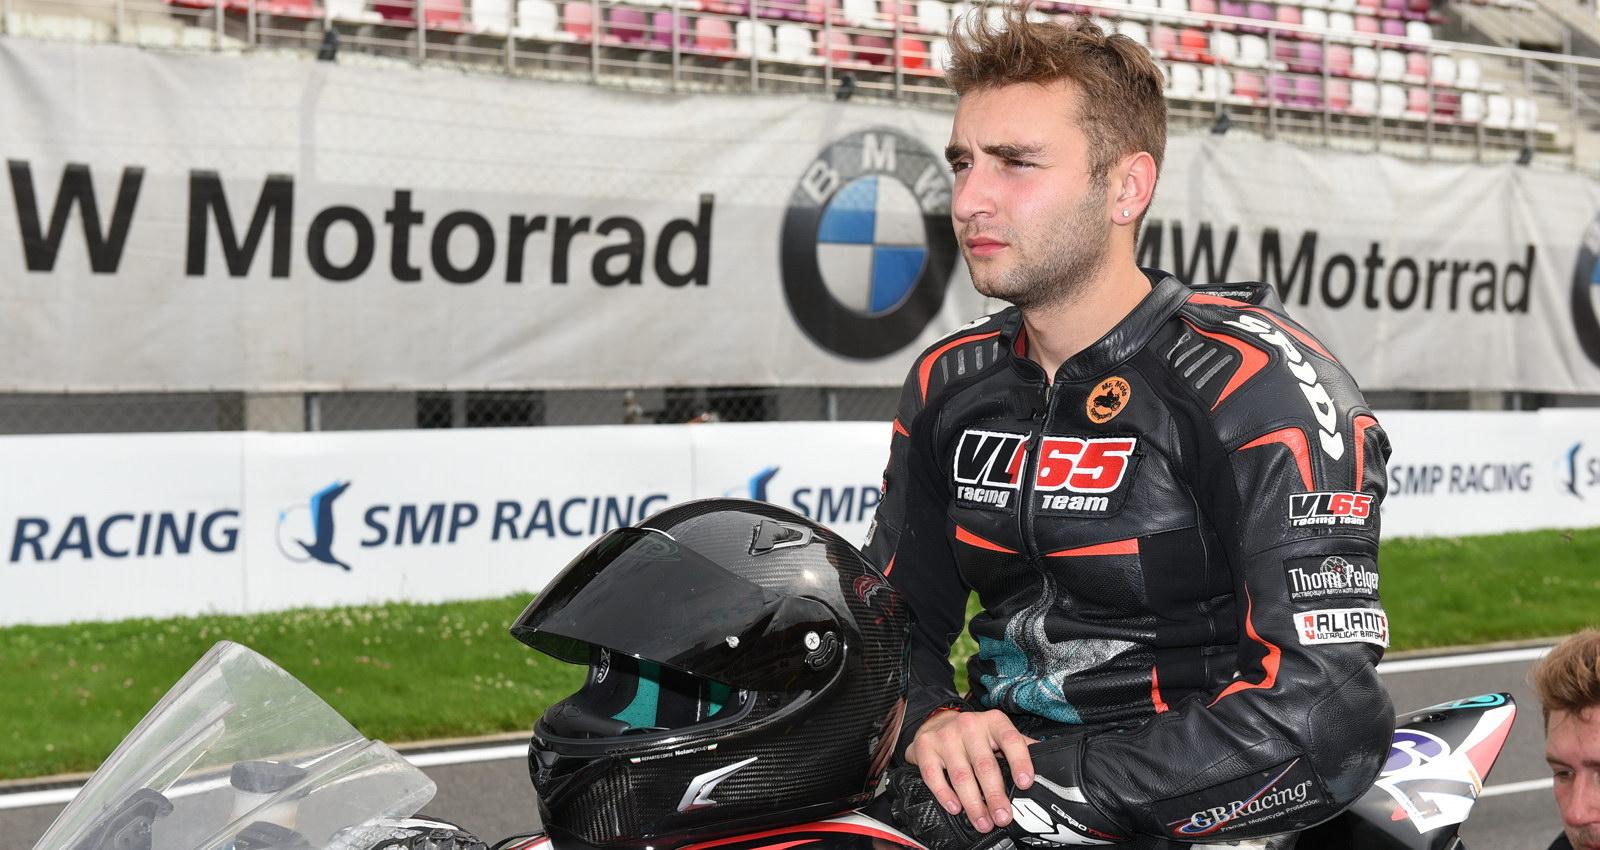 Дмитрий Седин - быстрейший в этой гонке после Иванова